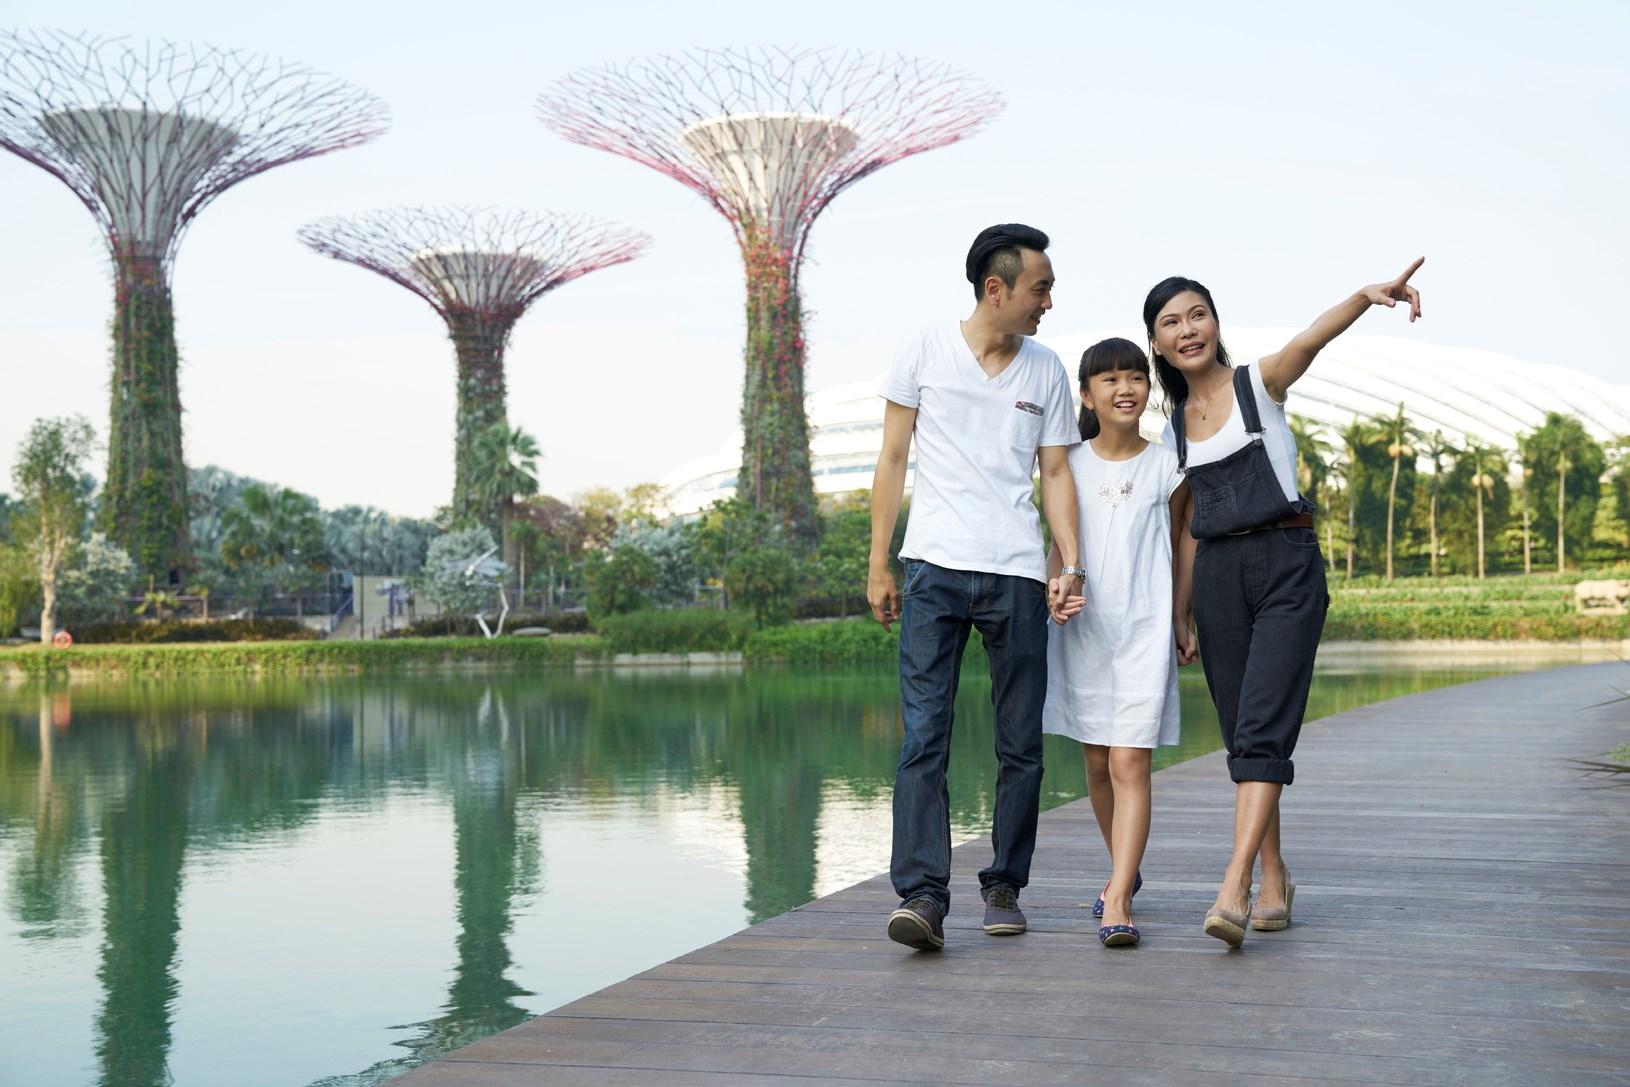 Tour riêng tham quan Singgapore cùng với nhiếp ảnh gia chuyên nghiệp